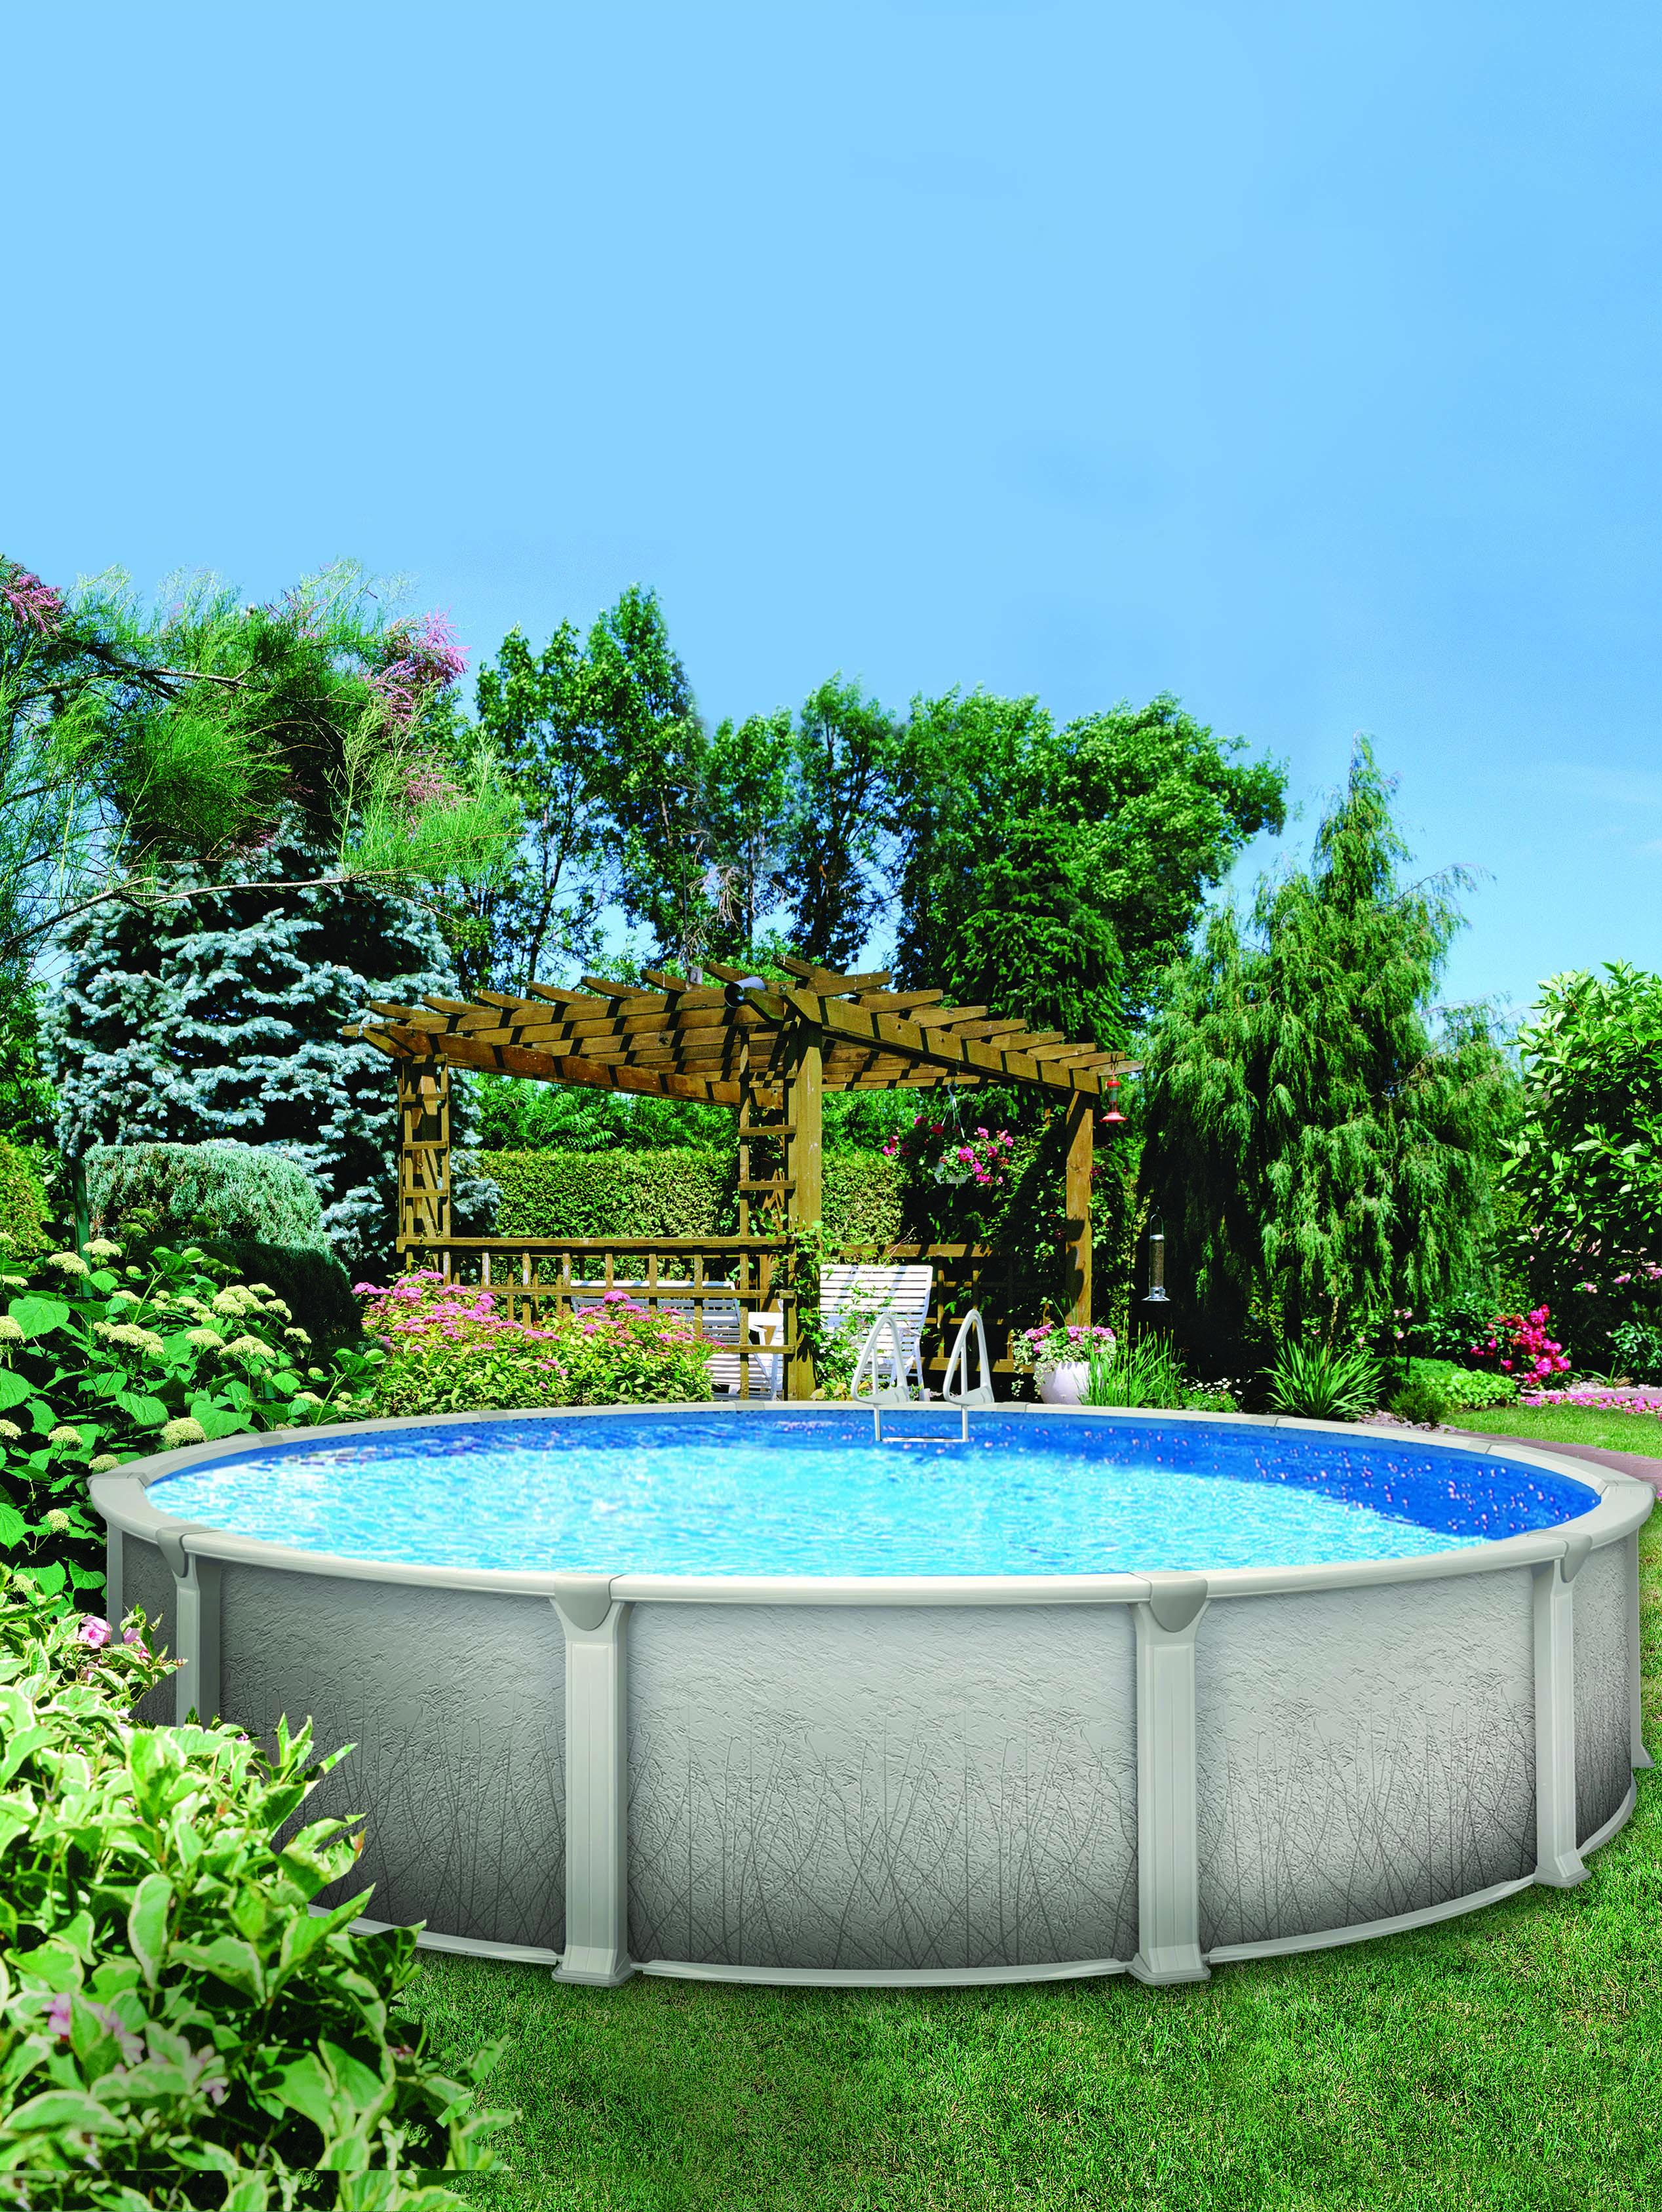 Concept piscine design enr horaire d 39 ouverture 1305 for Piscine design concept